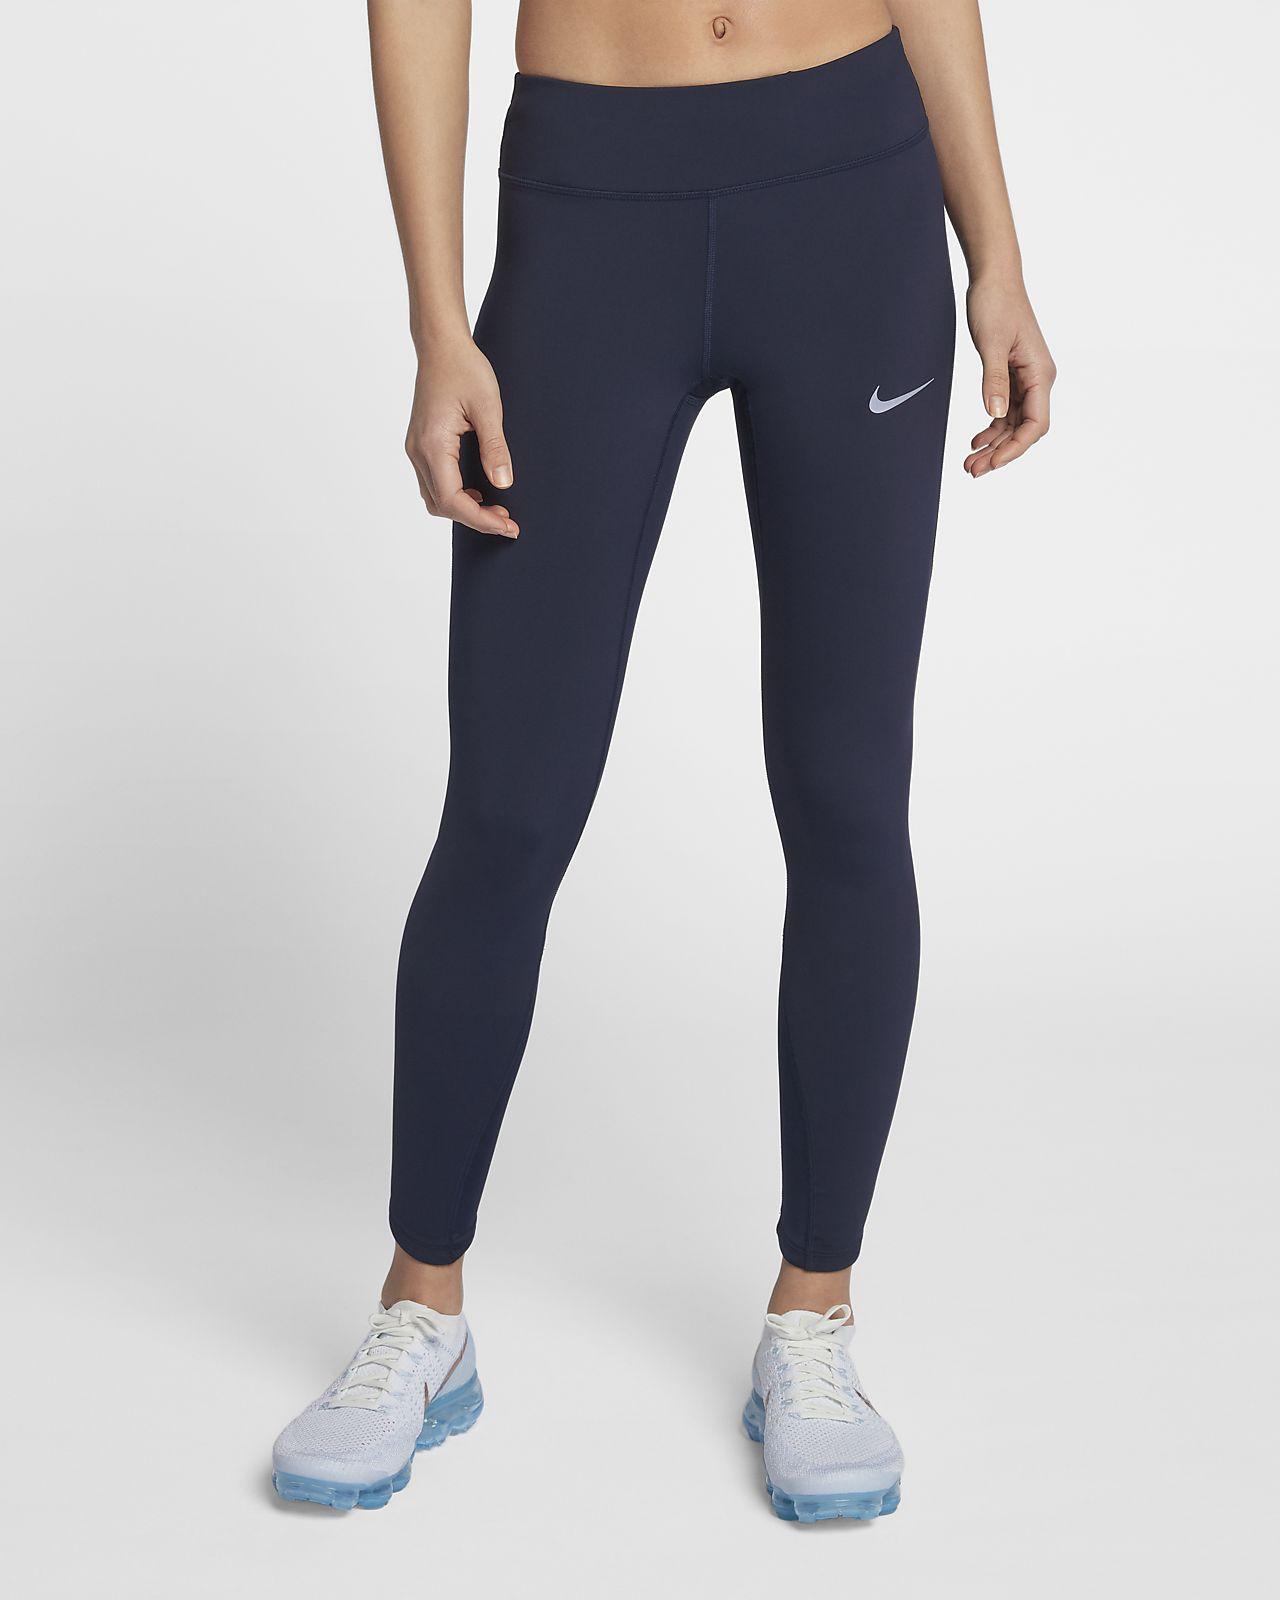 f161e2dfc21 Dámské běžecké legíny Nike Epic Lux se středně vysokým pasem. Nike ...